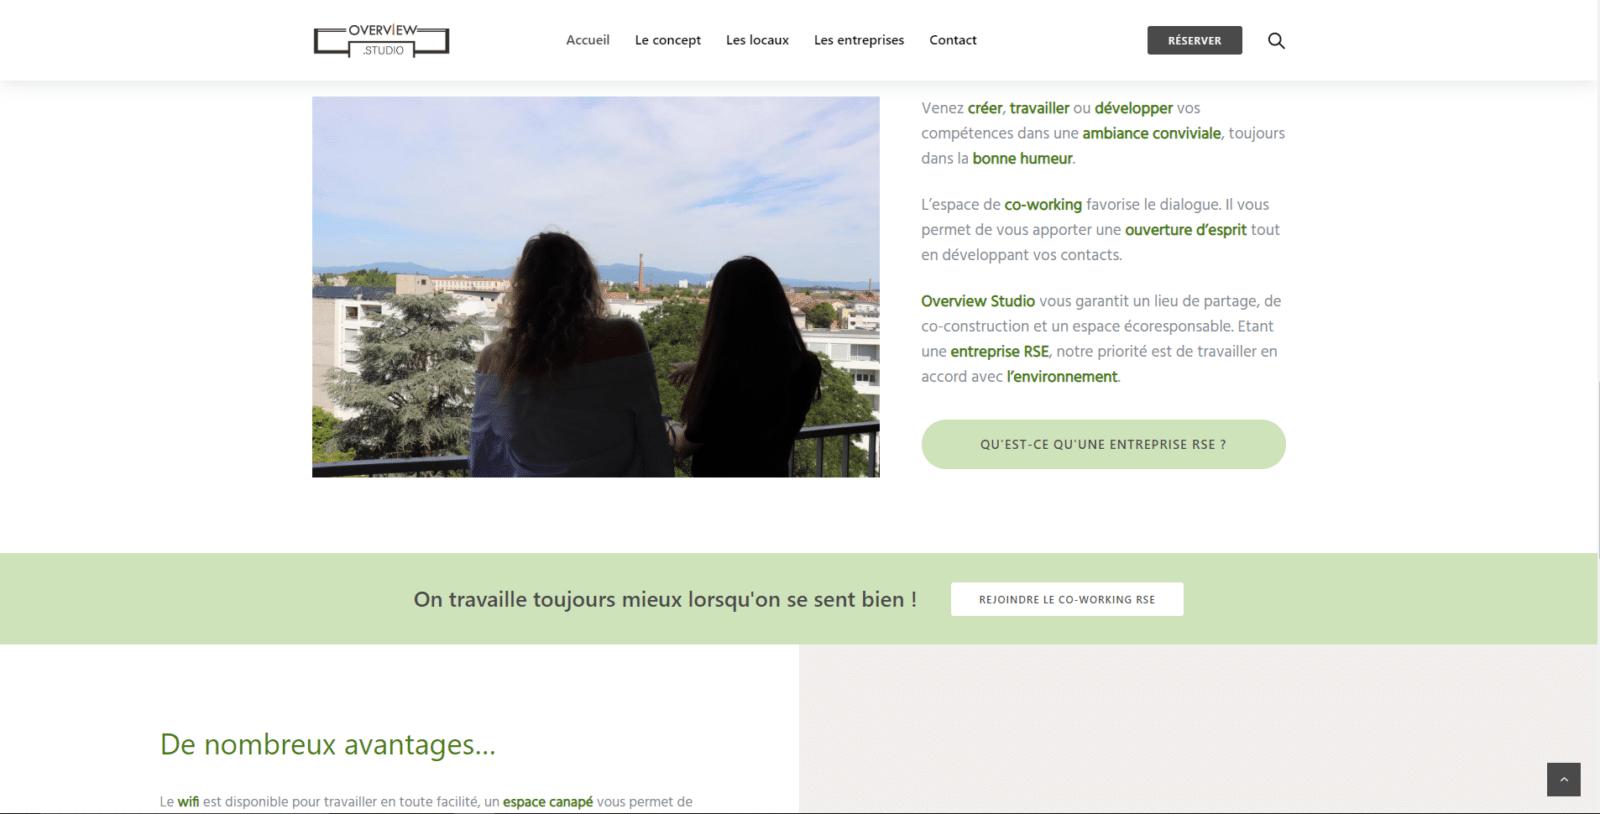 Overview.studio est un client de l'agence web Karedess, agence web situé à Mulhouse